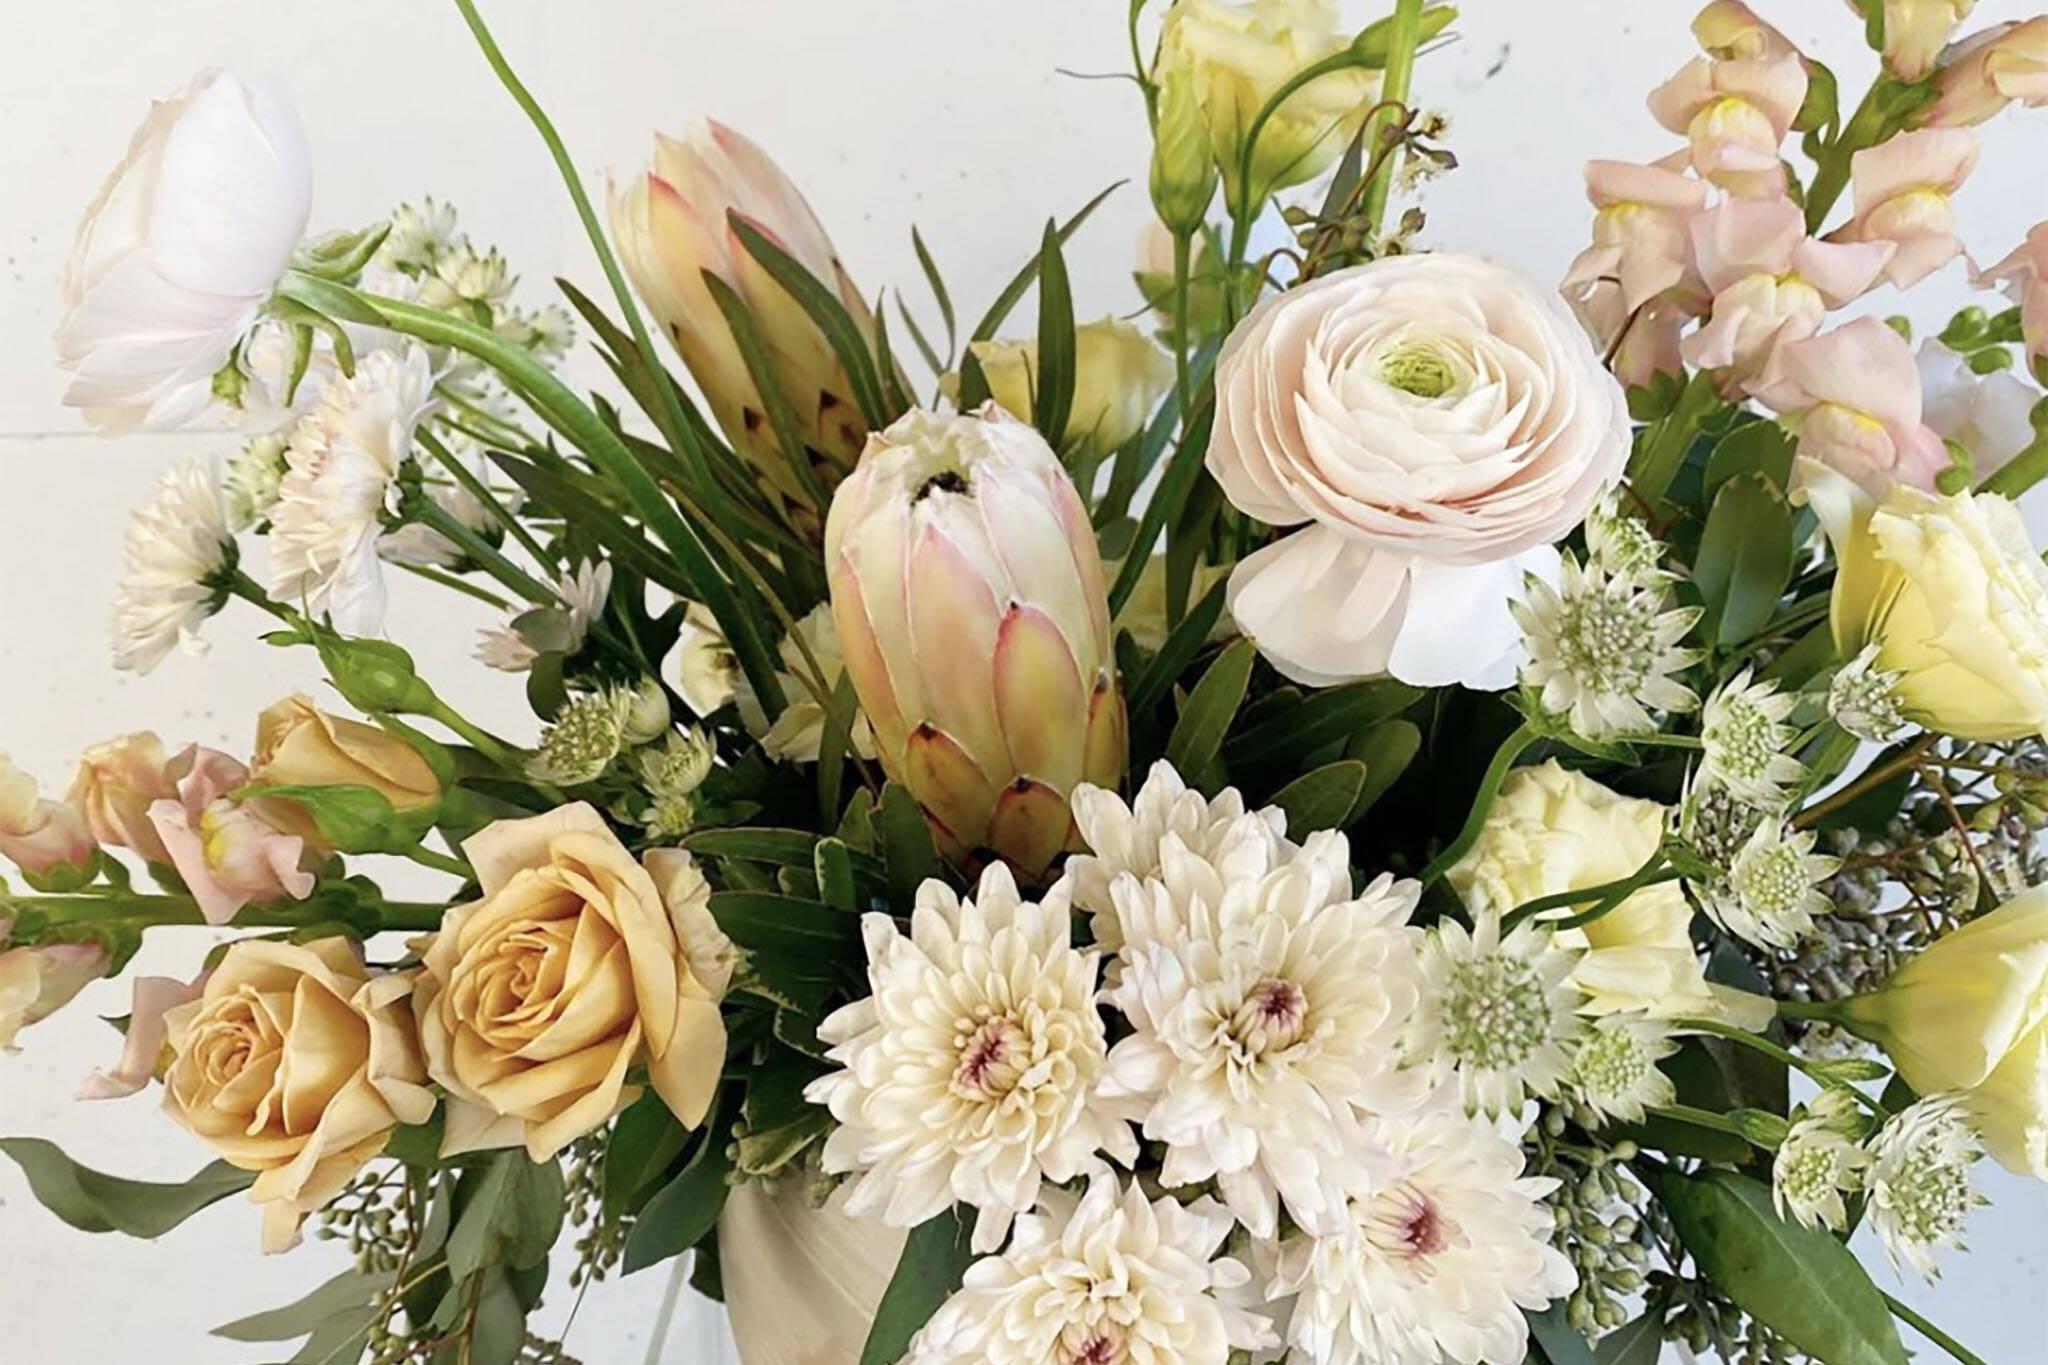 stok floral design toronto